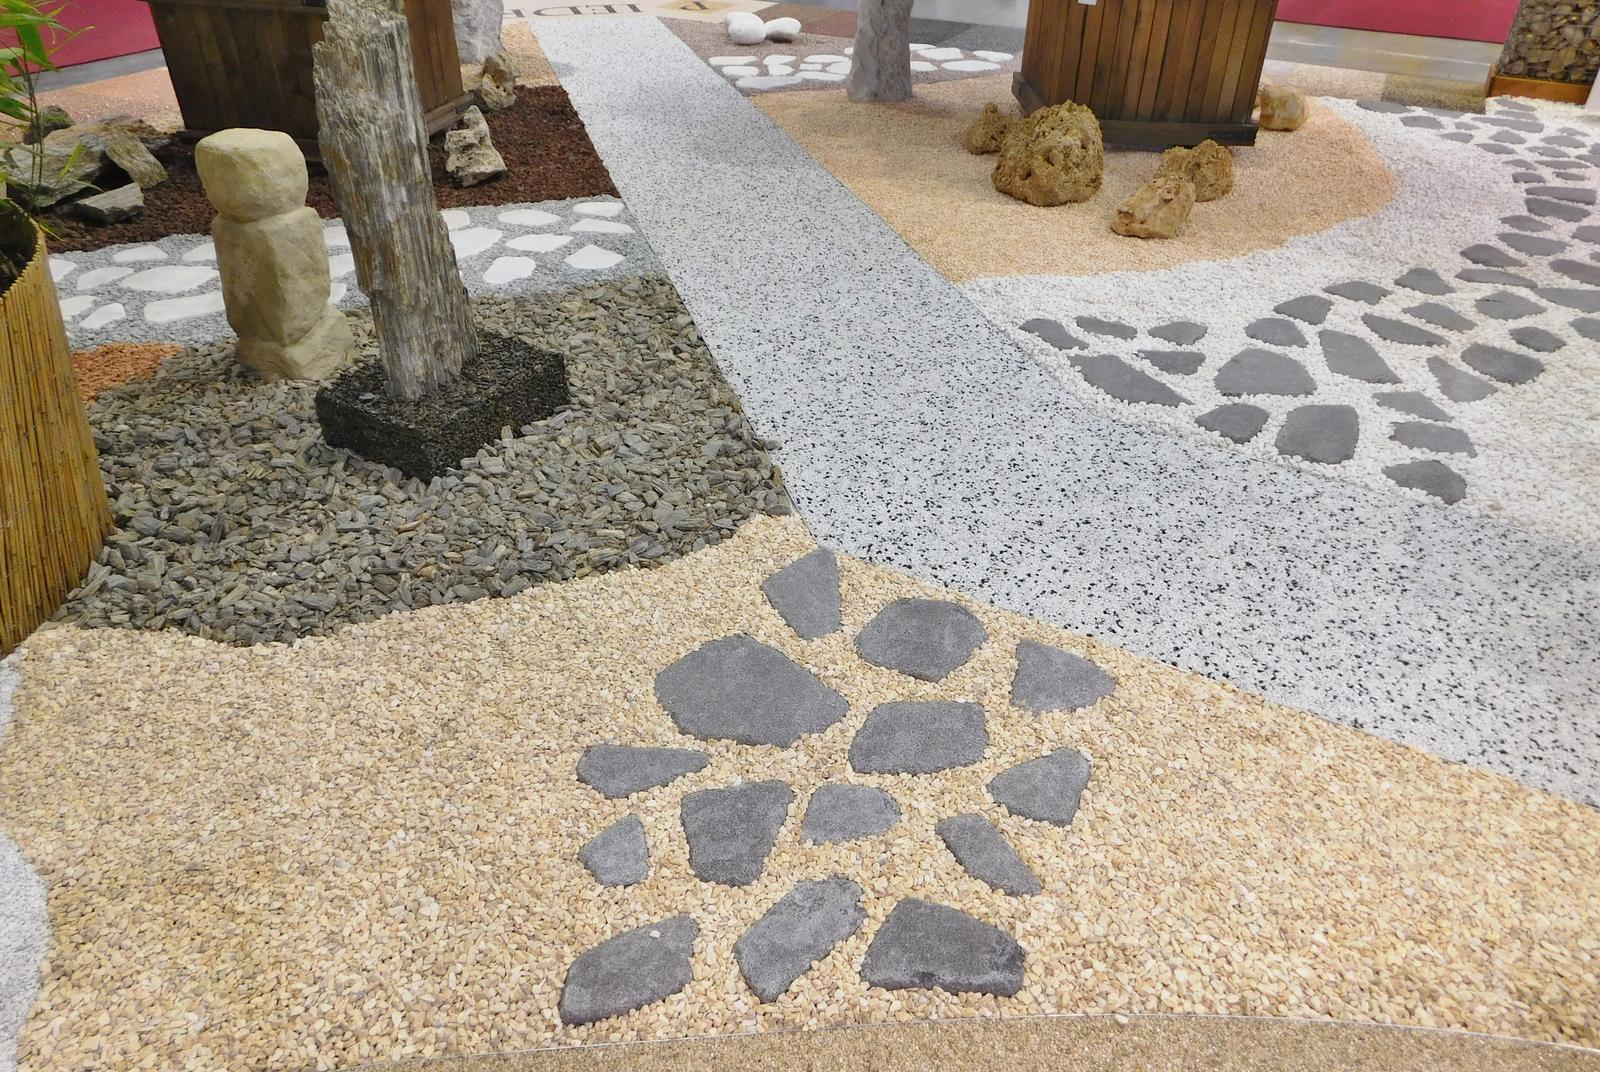 Kamínkový chodníček CHS EPODUR STONE - možnosti desénů a tvarů - Ve vzorkovně spol. PIEDRA, distributora a a plikátora CHS EPODUR STONE si vyberete z nepřeberného množství kamínků, mramorů všech barev, tvarů, velikostí, směsí...